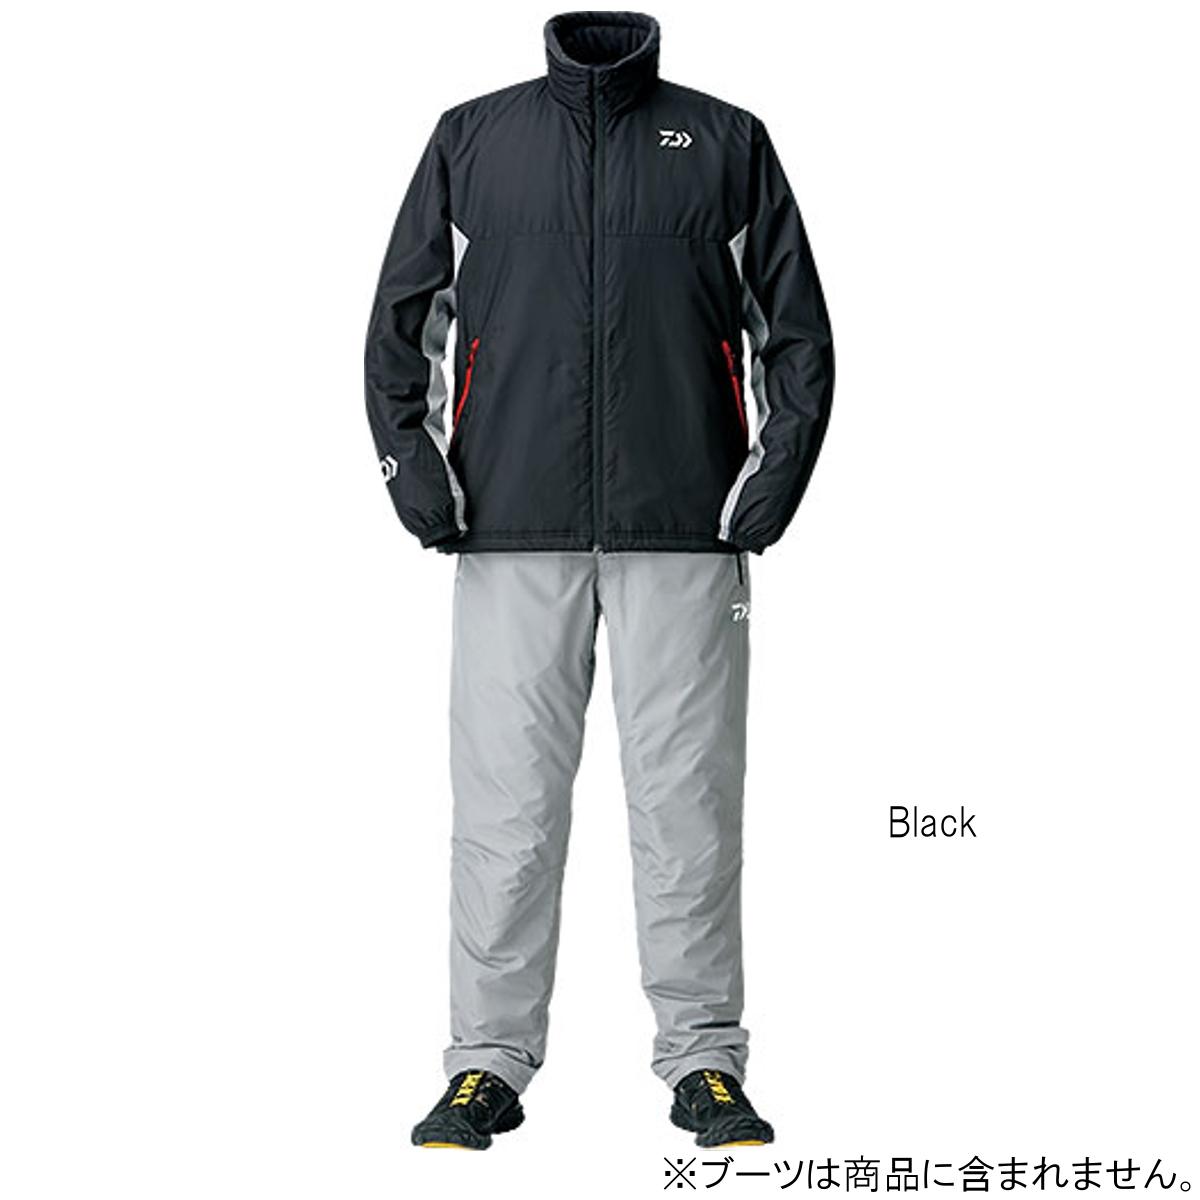 ダイワ ウォームアップスーツ DI-52008 L Black(東日本店)